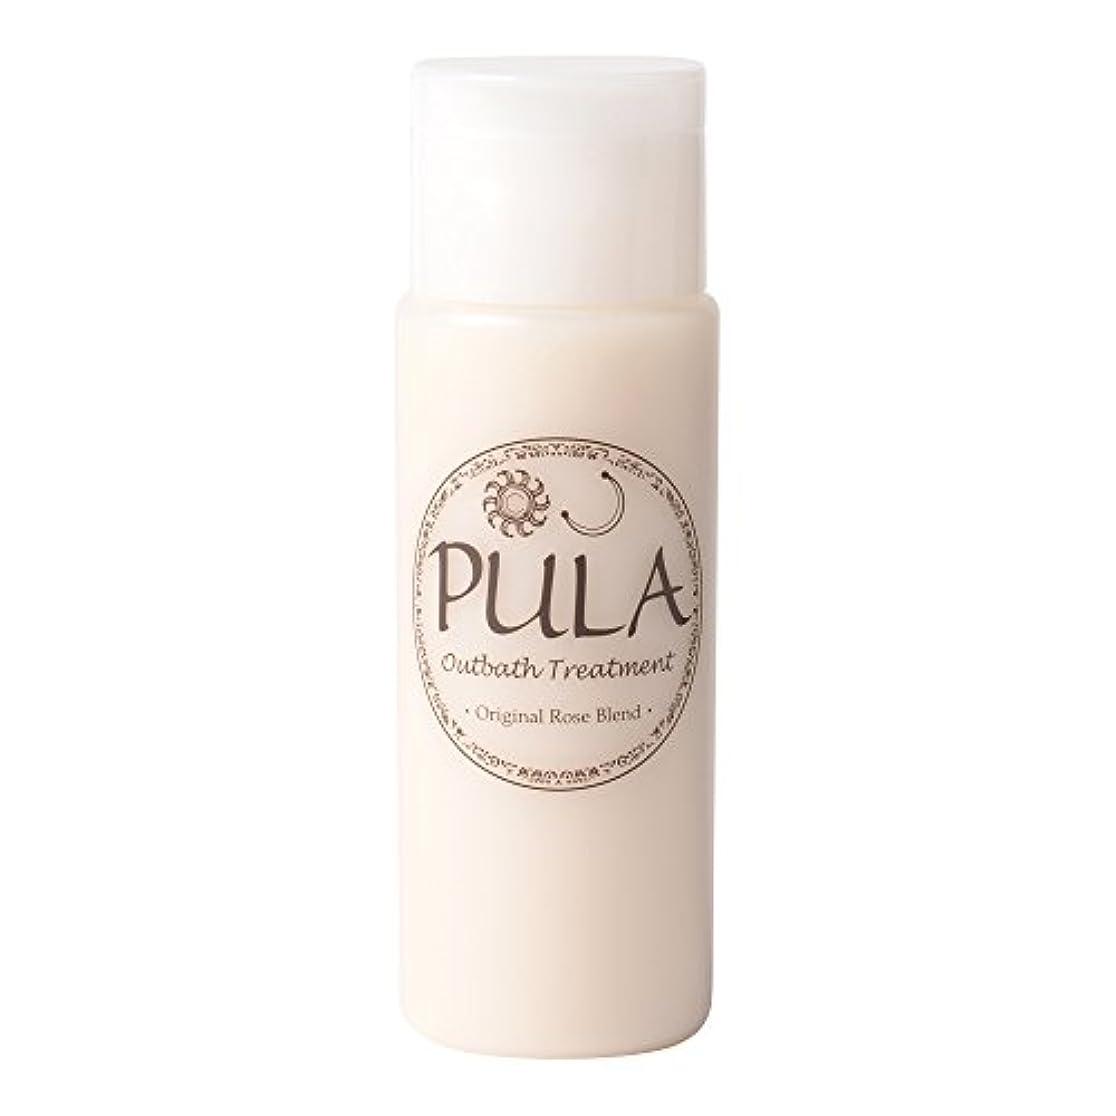 あたたかいキャリッジラジウムプーラ アウトバストリートメント 150mL 【ローズの香り】洗い流さないタイプのトリートメント  ヘッドスパ専門店 PULA